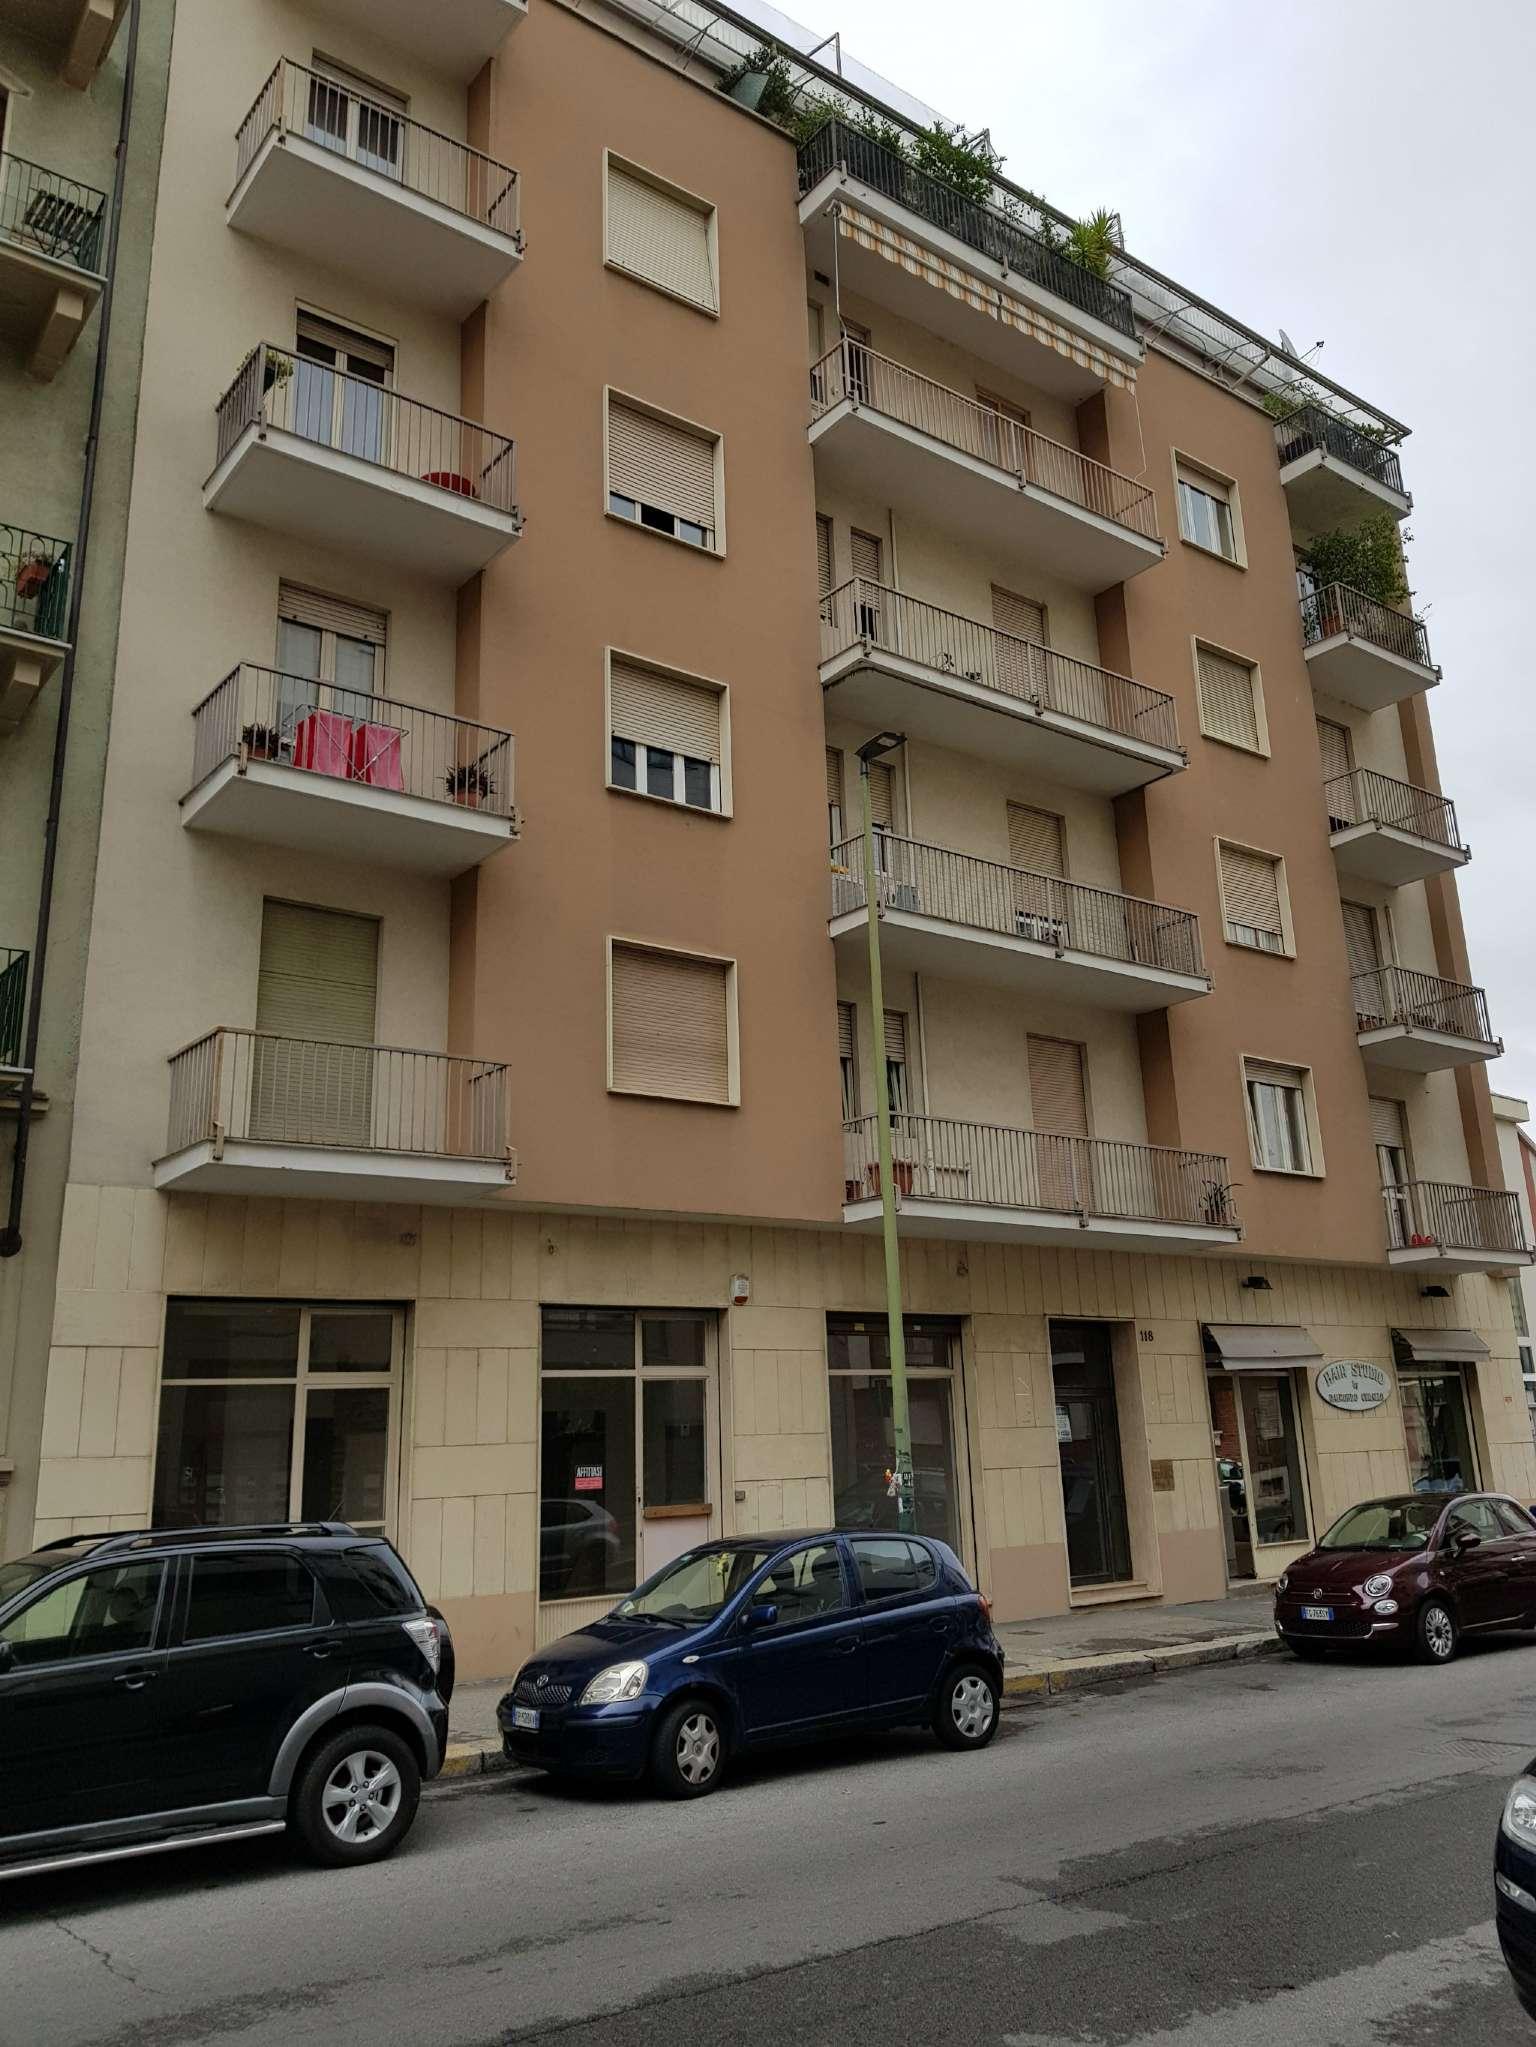 Negozio in affitto Zona Parella, Pozzo Strada - via Medici 118 Torino